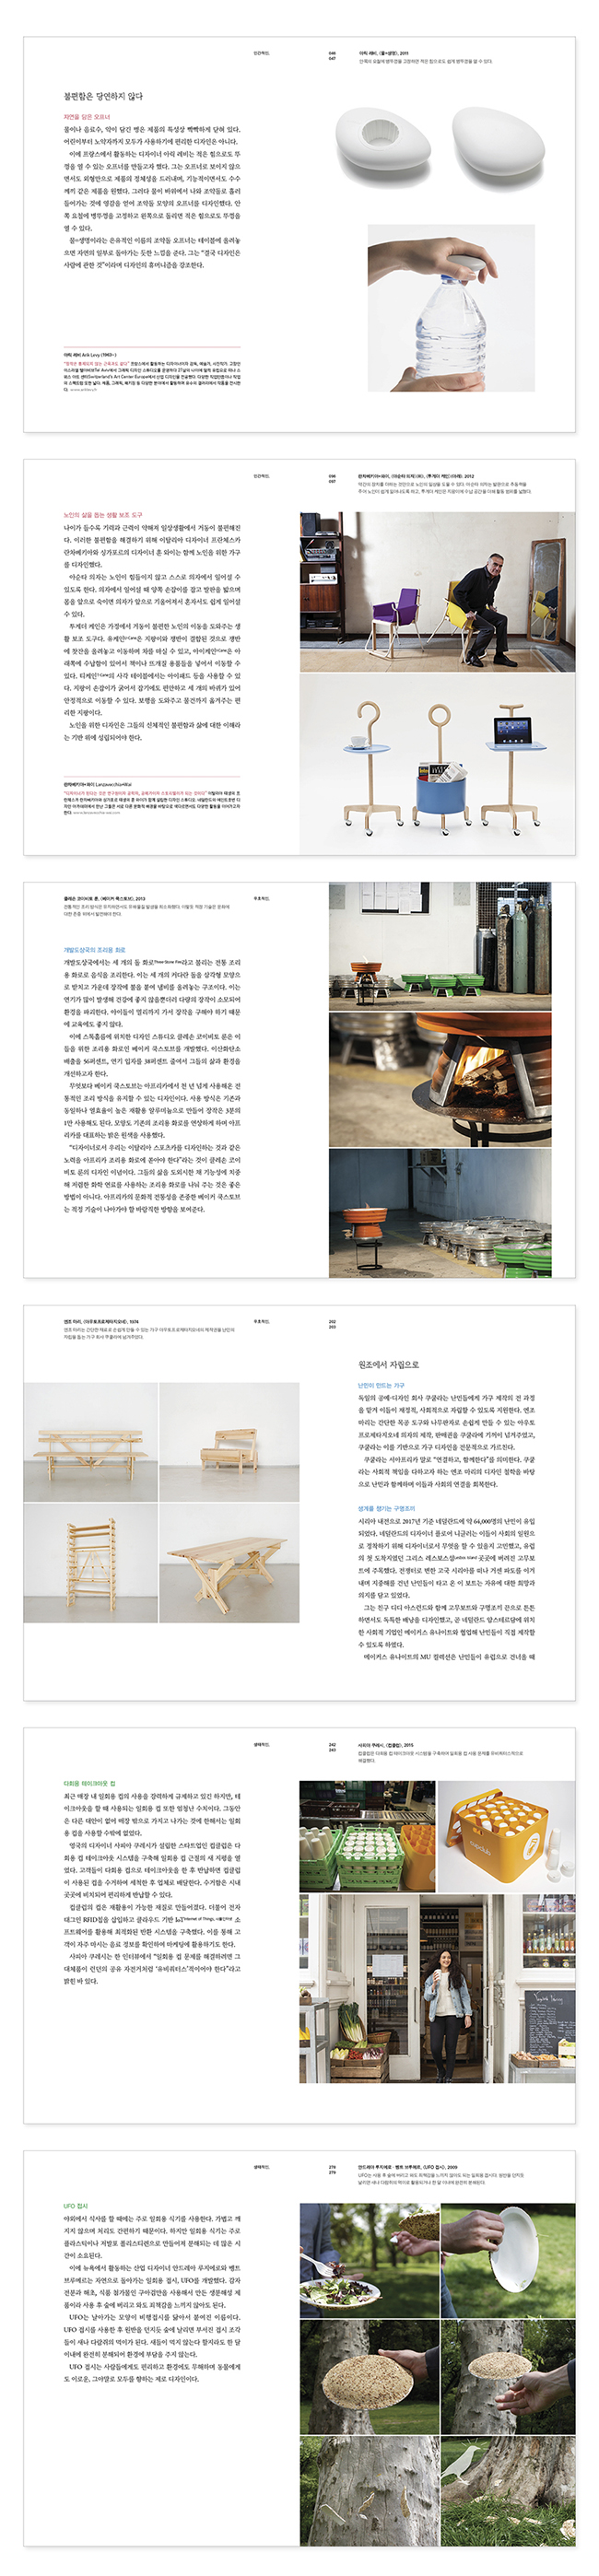 배려하는 디자인-preview(교보).jpg